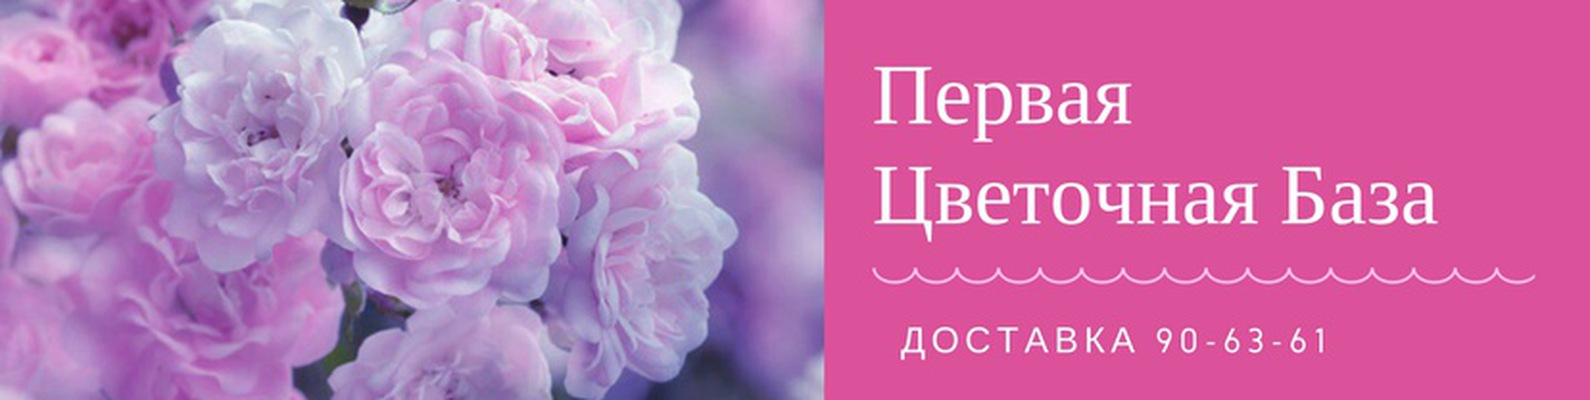 Купить цветы оптом в ижевске на схв необычный подарок подруге на юбилей